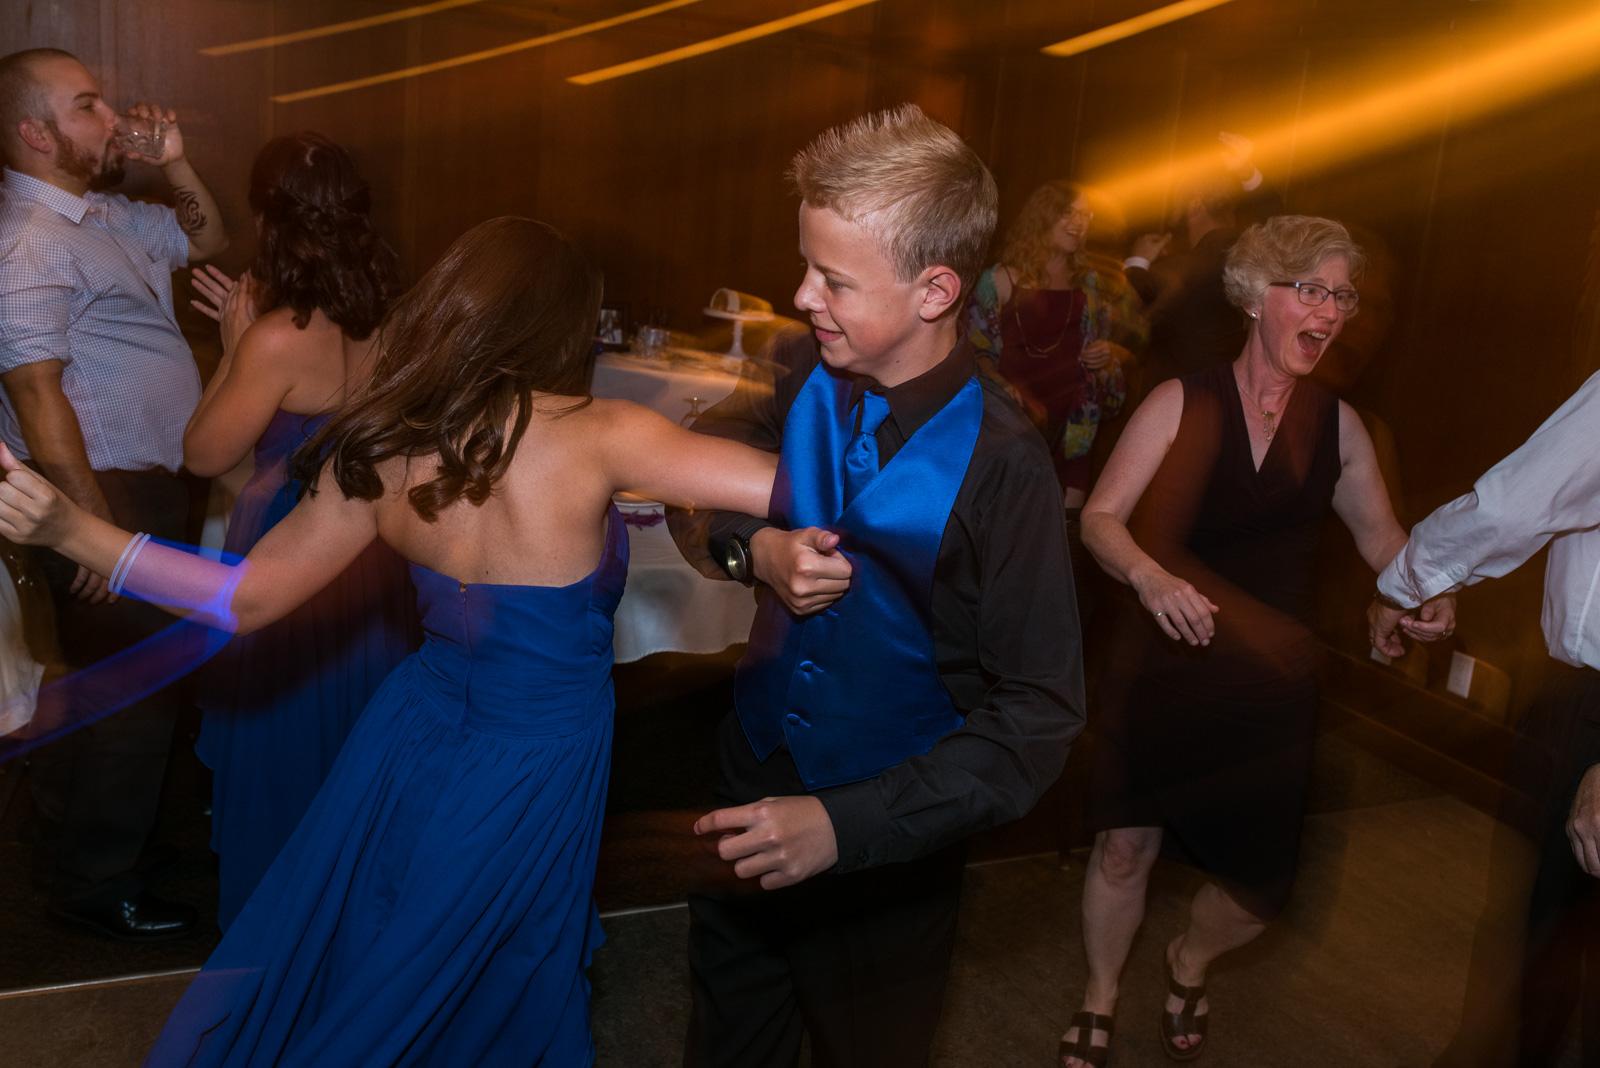 vancouver-island-wedding-photographers-nelson-hume-hotel-wedding-49.jpg